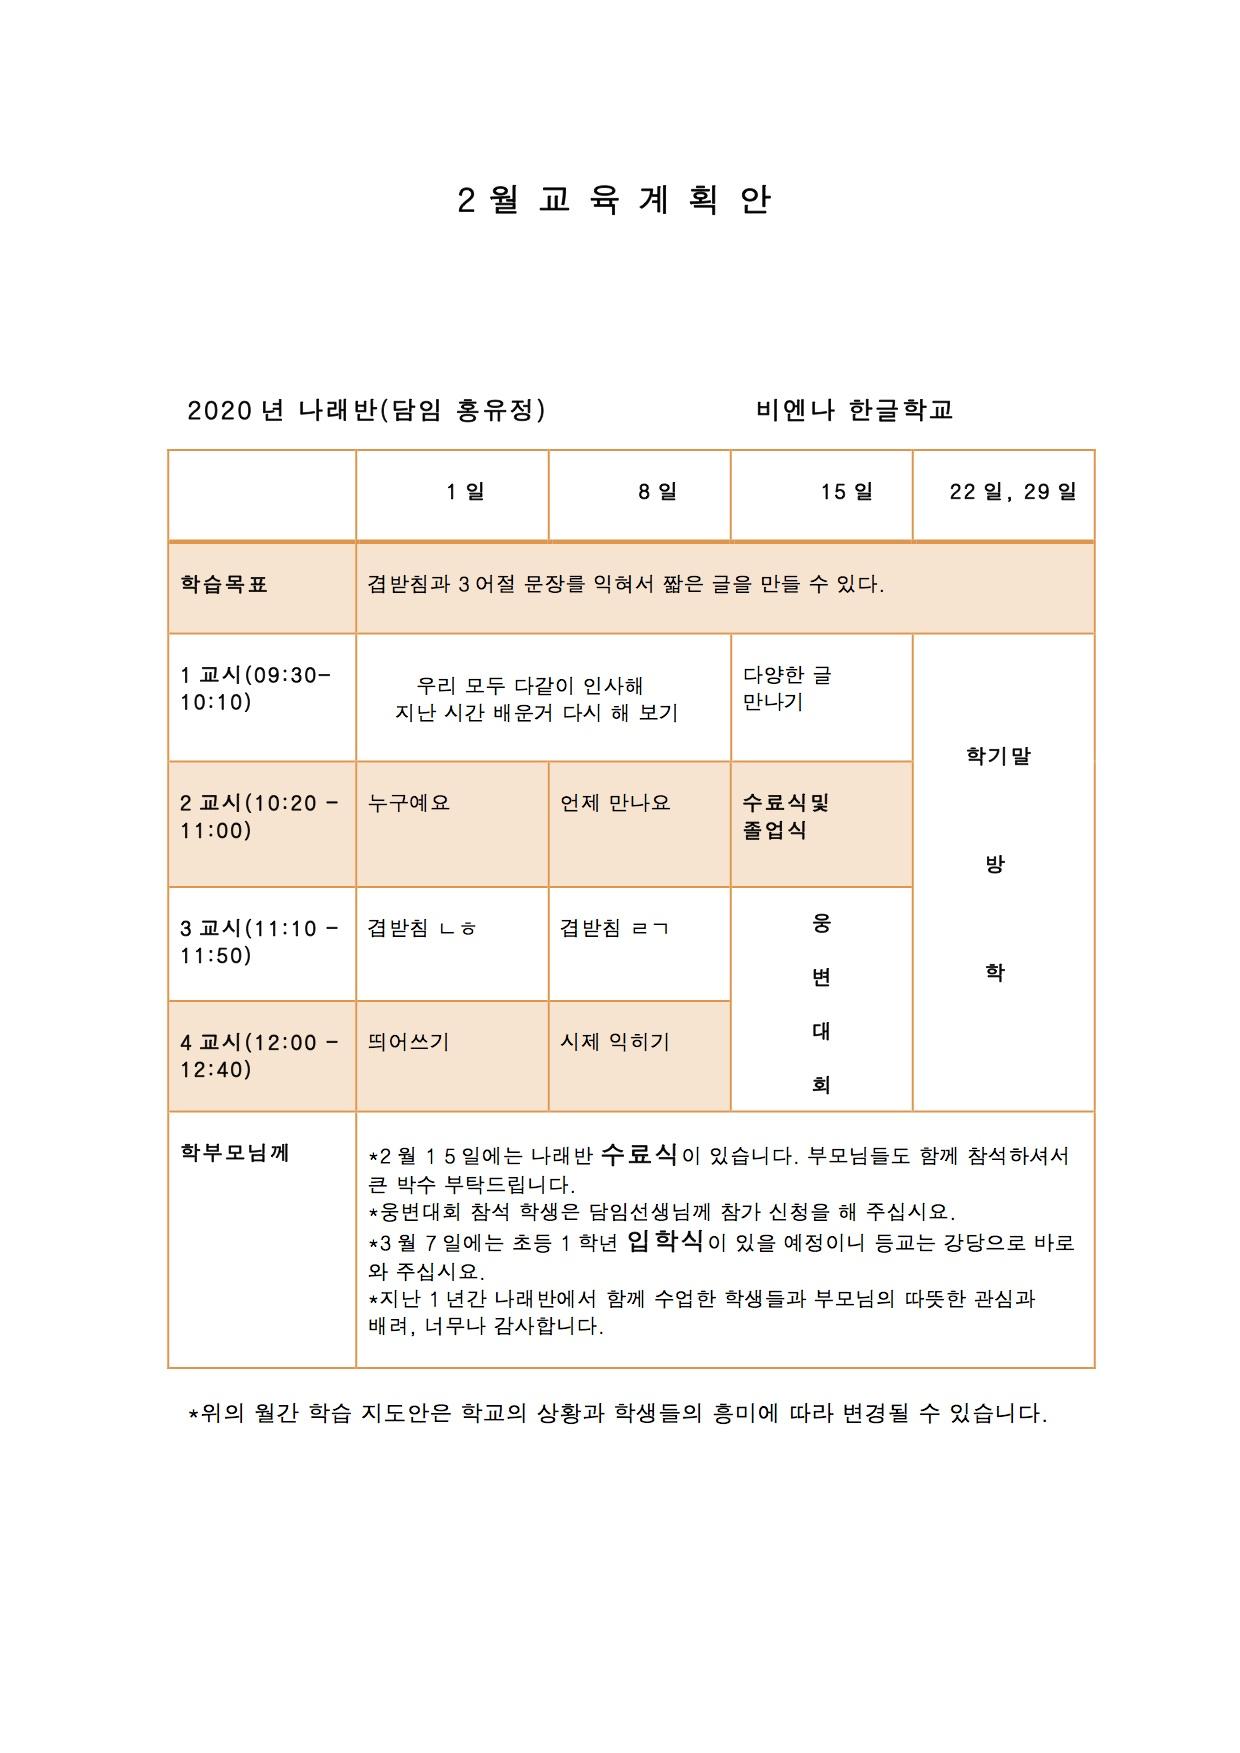 2017년 2월 교 육 계 획 안 복사본.jpg